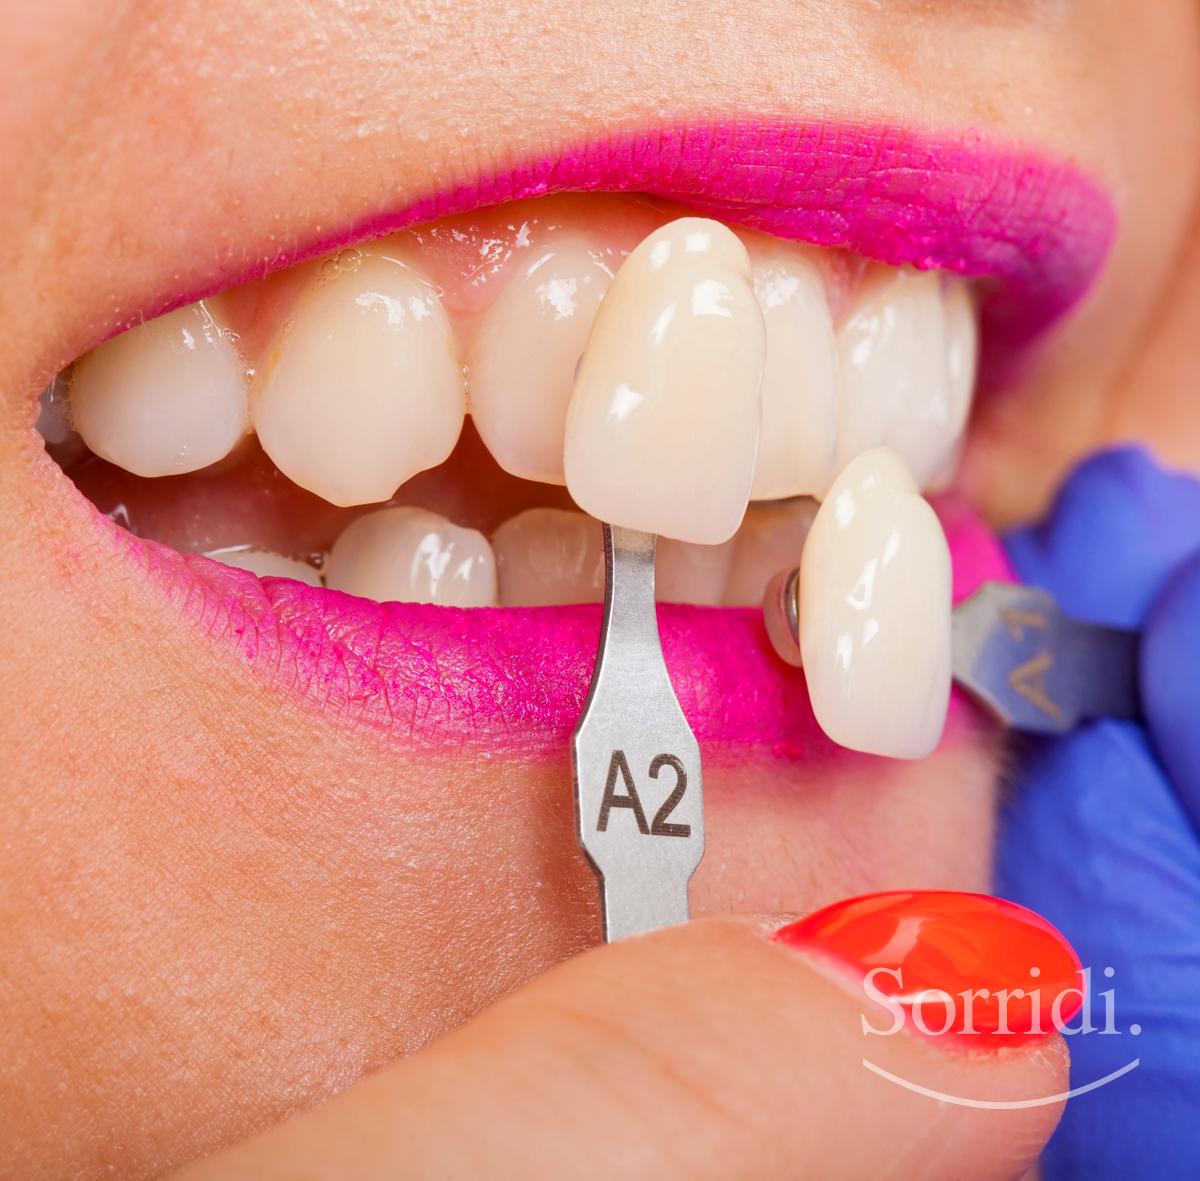 sorridi-ch-magazine-dentista-locarno-faccette-dentali